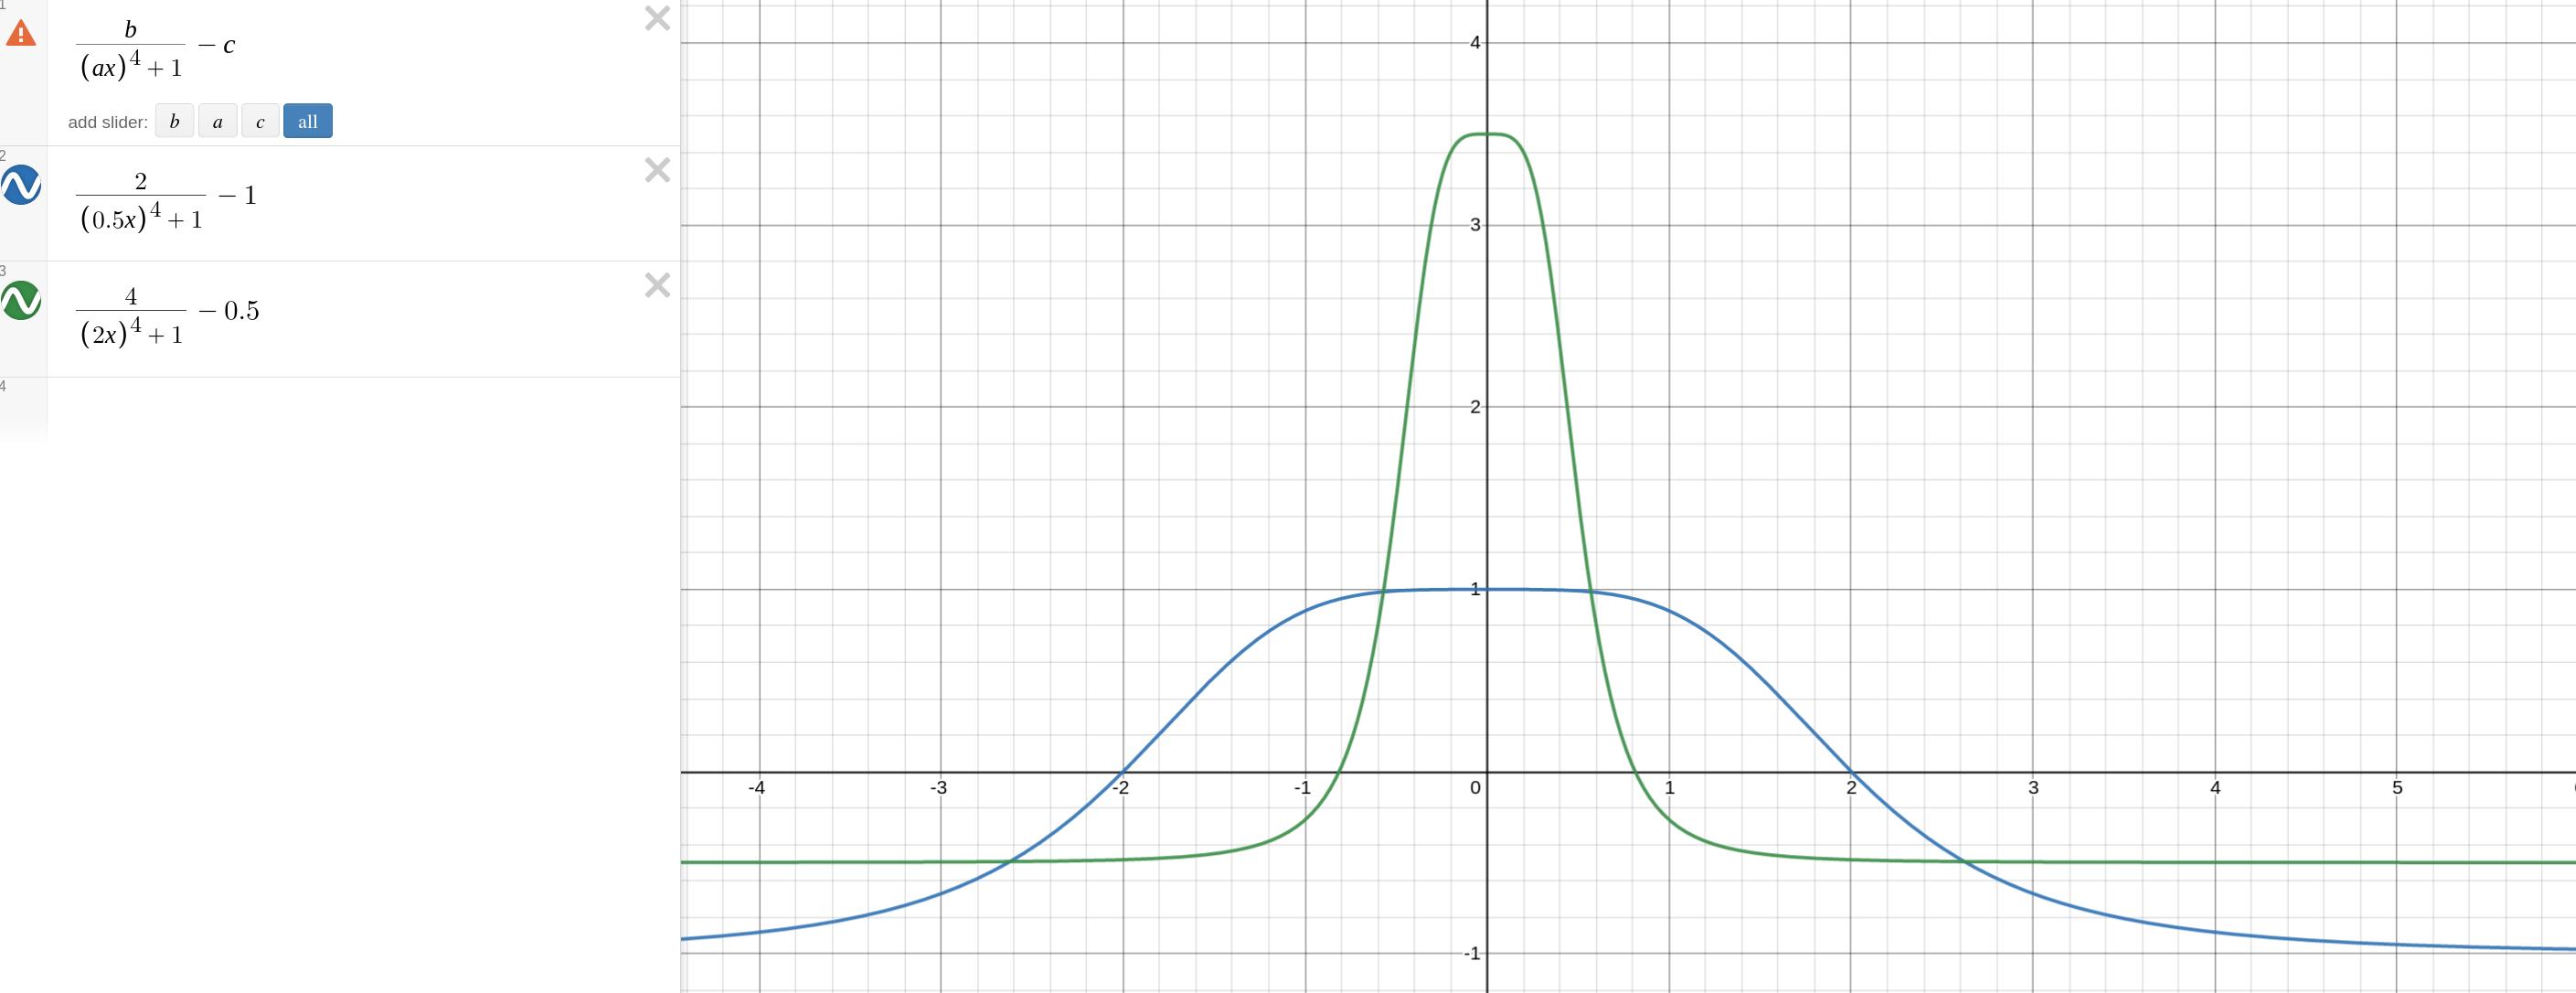 https://ethglobal.s3.amazonaws.com/recb3cTBTBiRAFZfX/curve.png